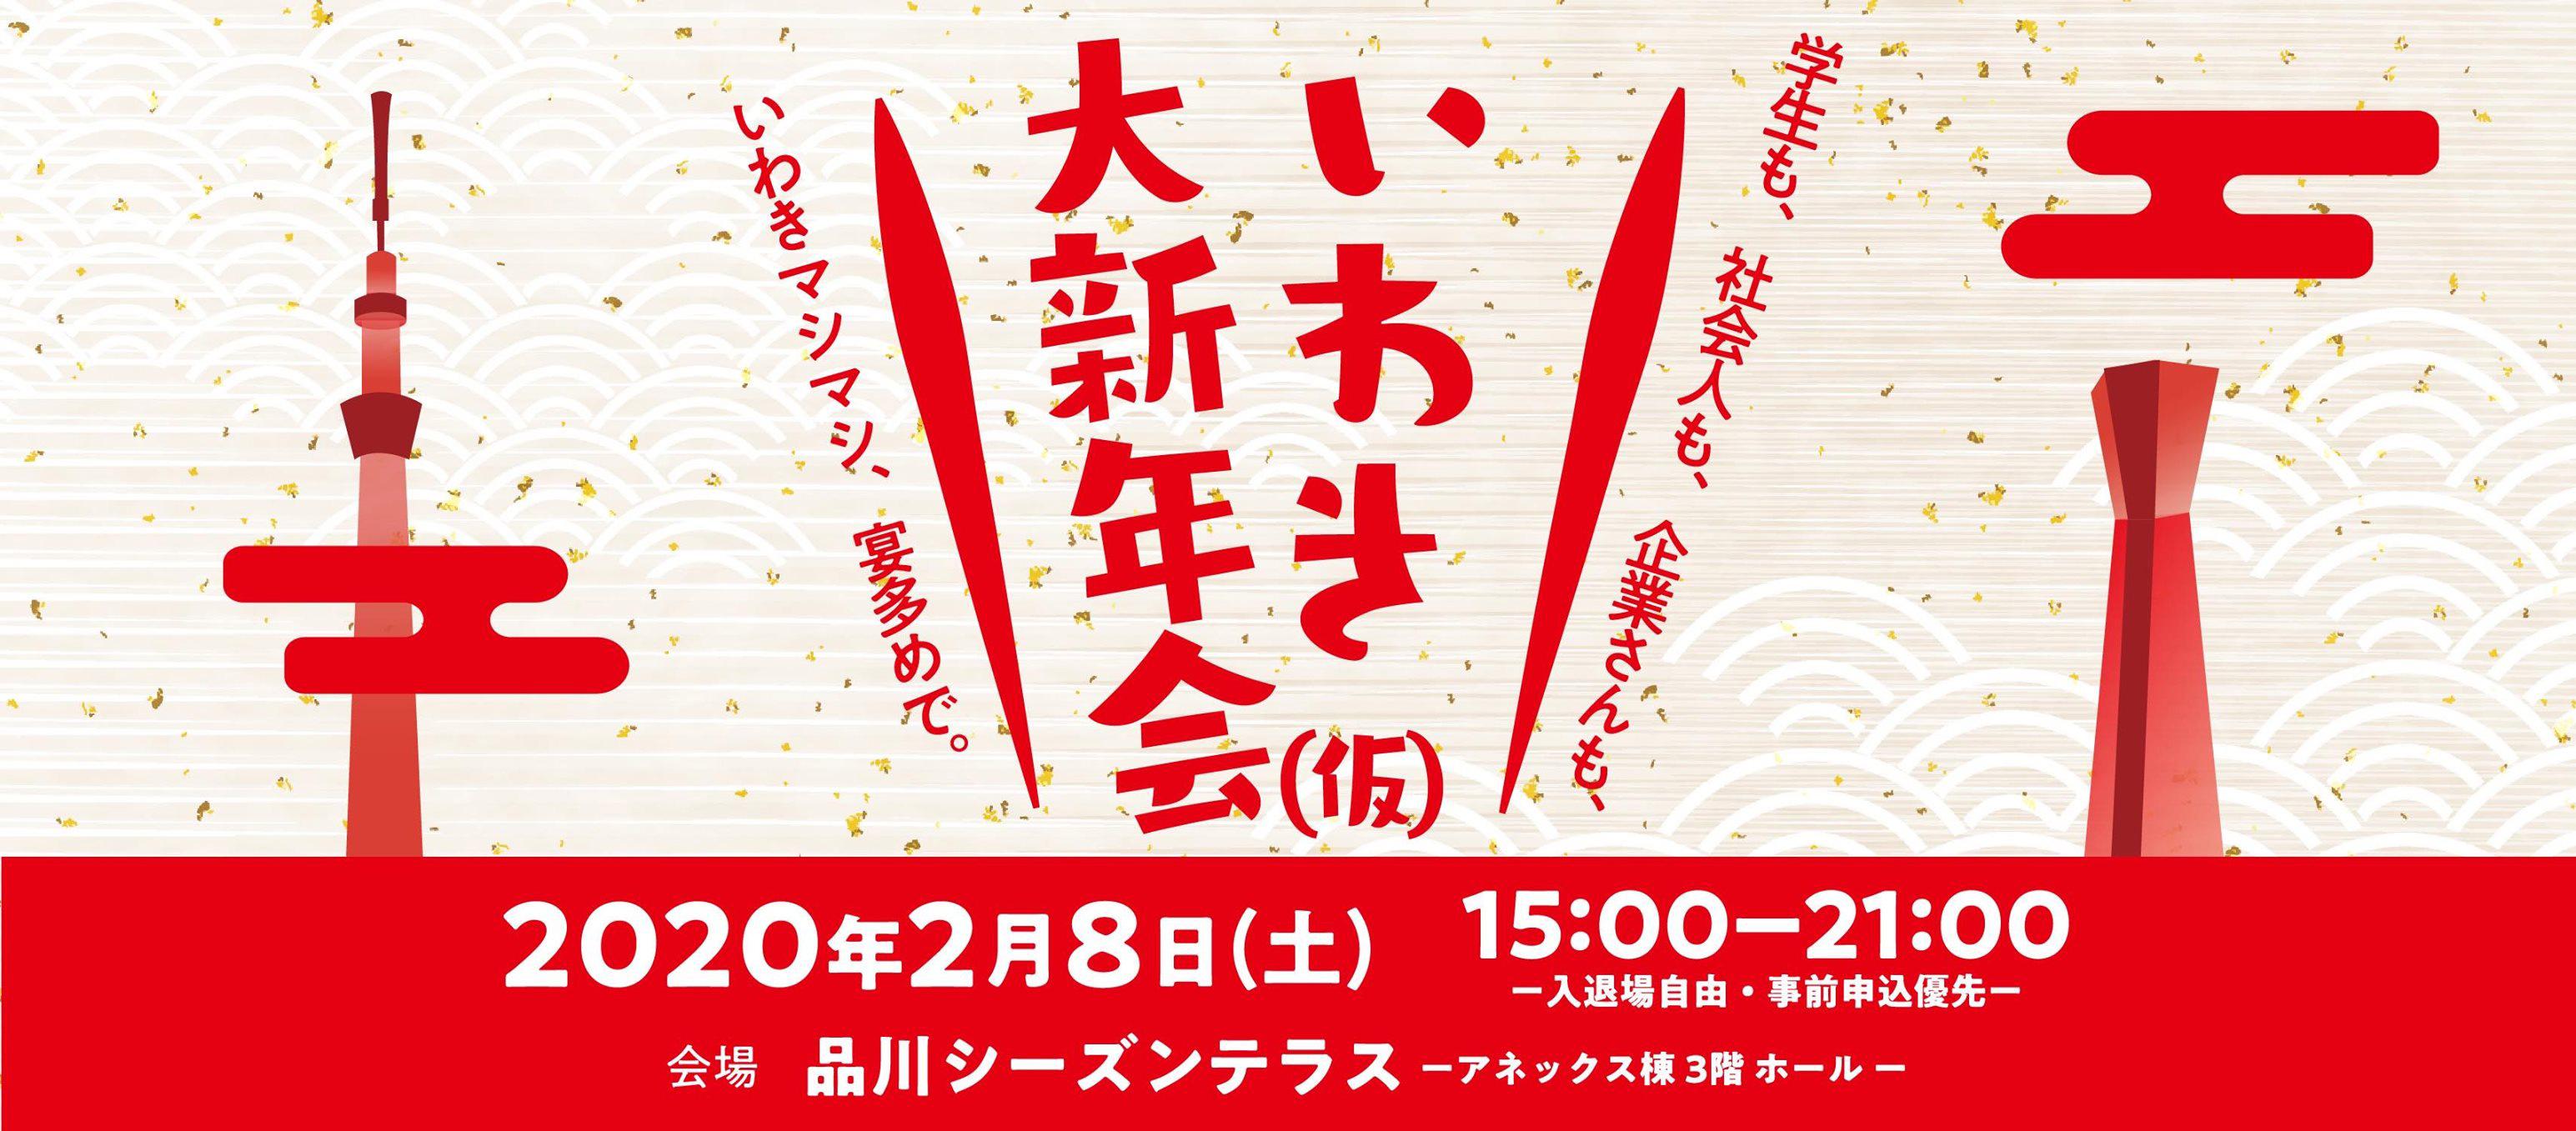 いわき大新年会(仮)